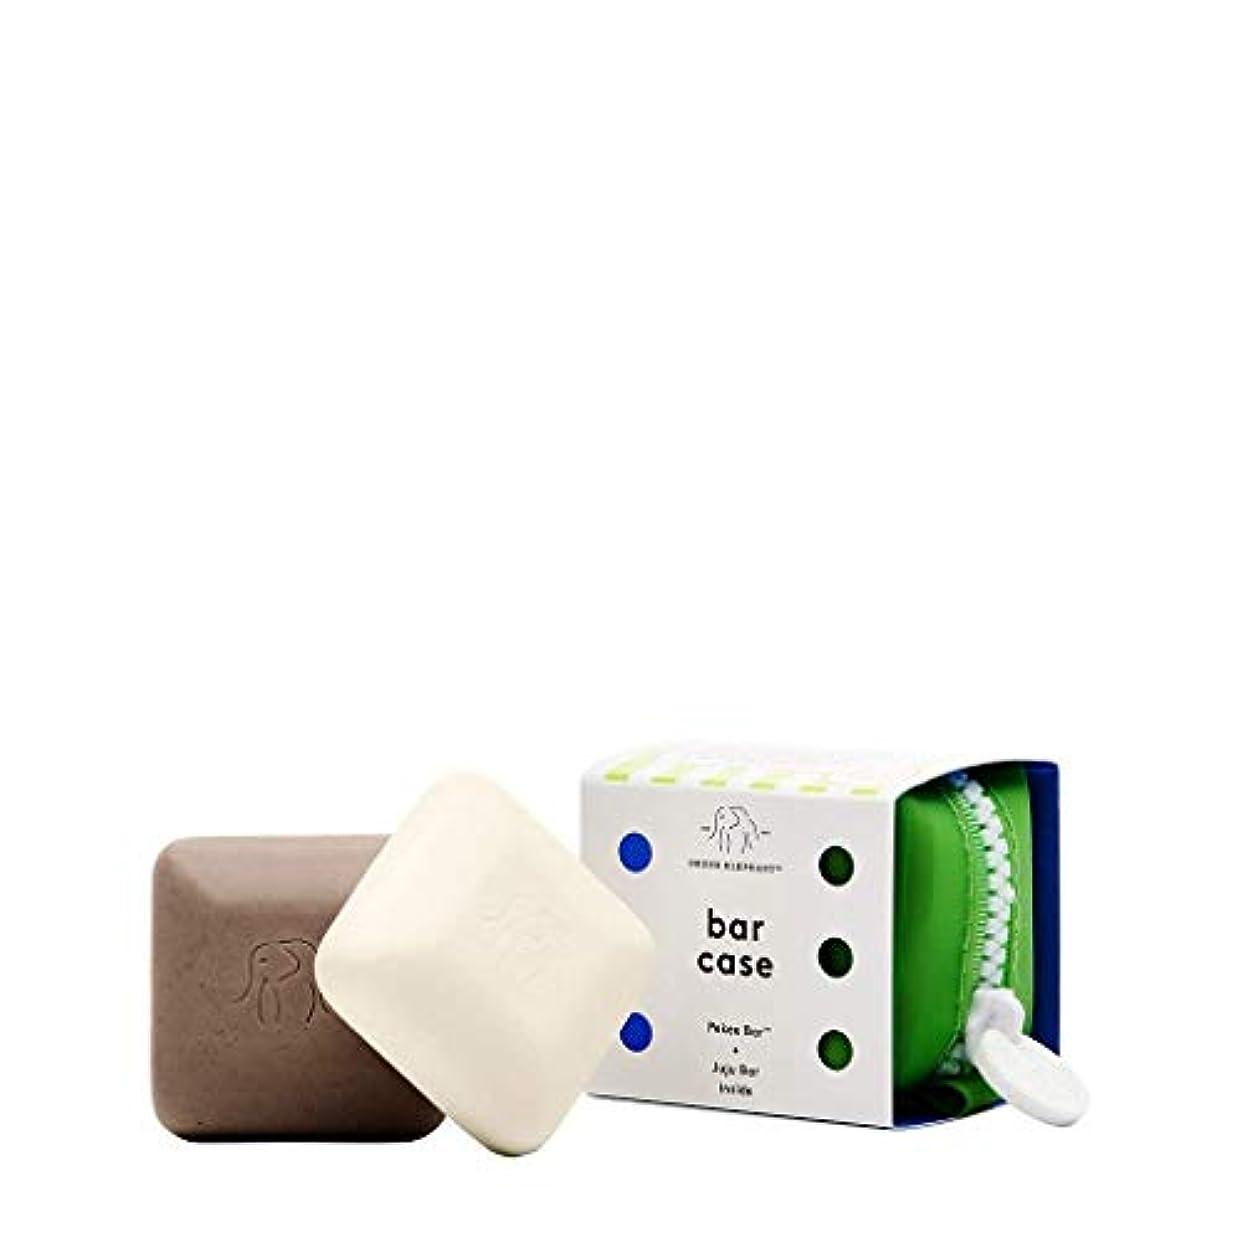 反抗並外れてひもDRUNK ELEPHANT Baby Bar Travel Duo(2 x 30g) ドランクエレファントミニ洗顔石鹸セット